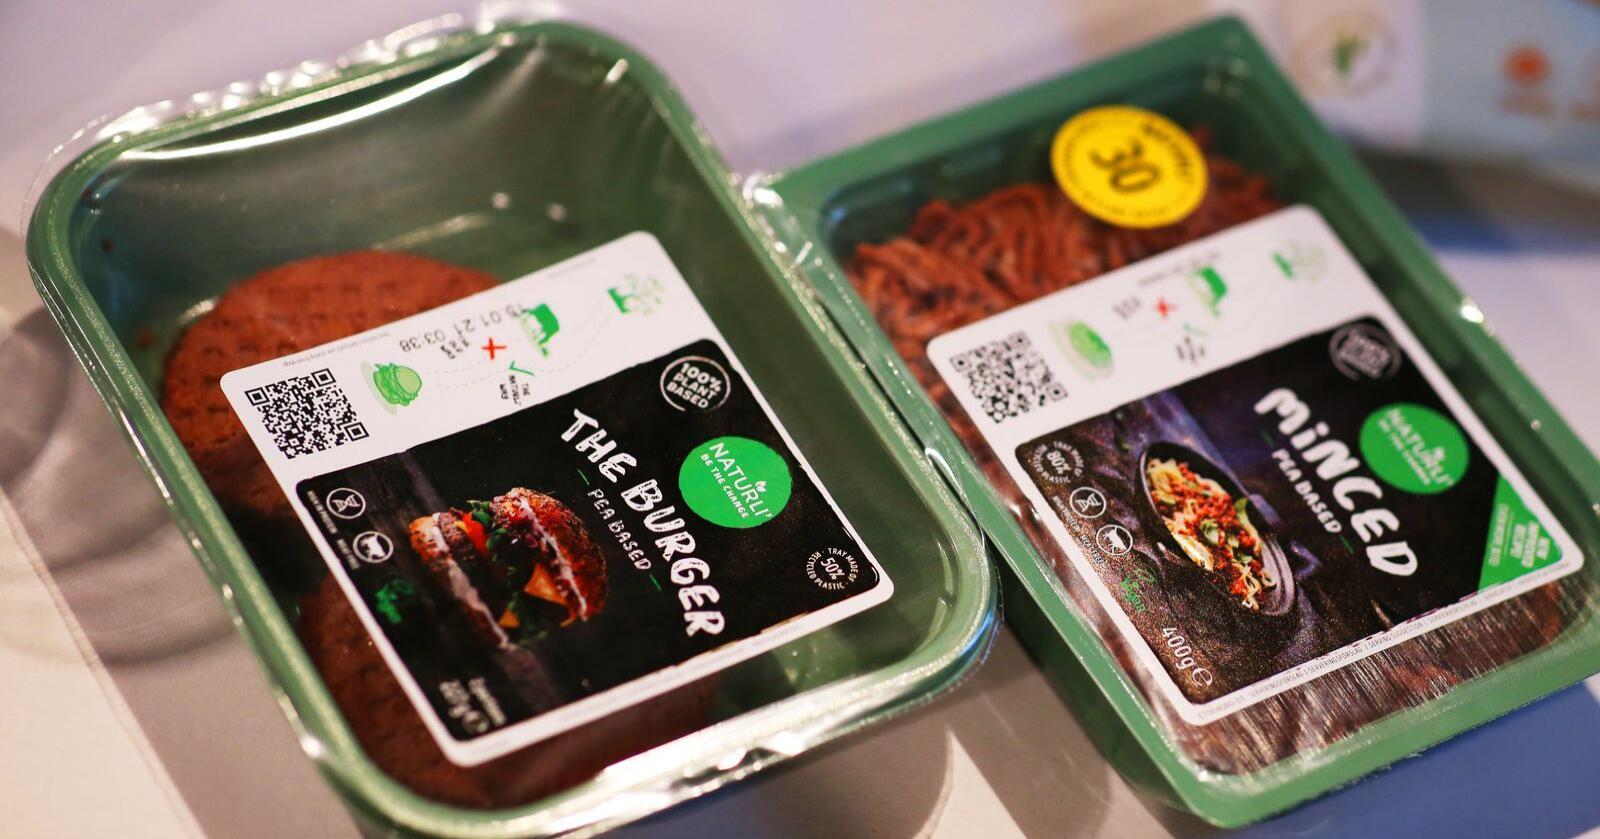 Ertebasert kjøttdeig og burgere er blant de nye vegetarnyhetene fra Orkla, og de kommer i norske butikker i februar. Å spise mer plantebaserte kjøtterstatninger har blitt en tydelig trend det siste året, ifølge matforsker. Foto: Ørn E. Borgen / NTB scanpix